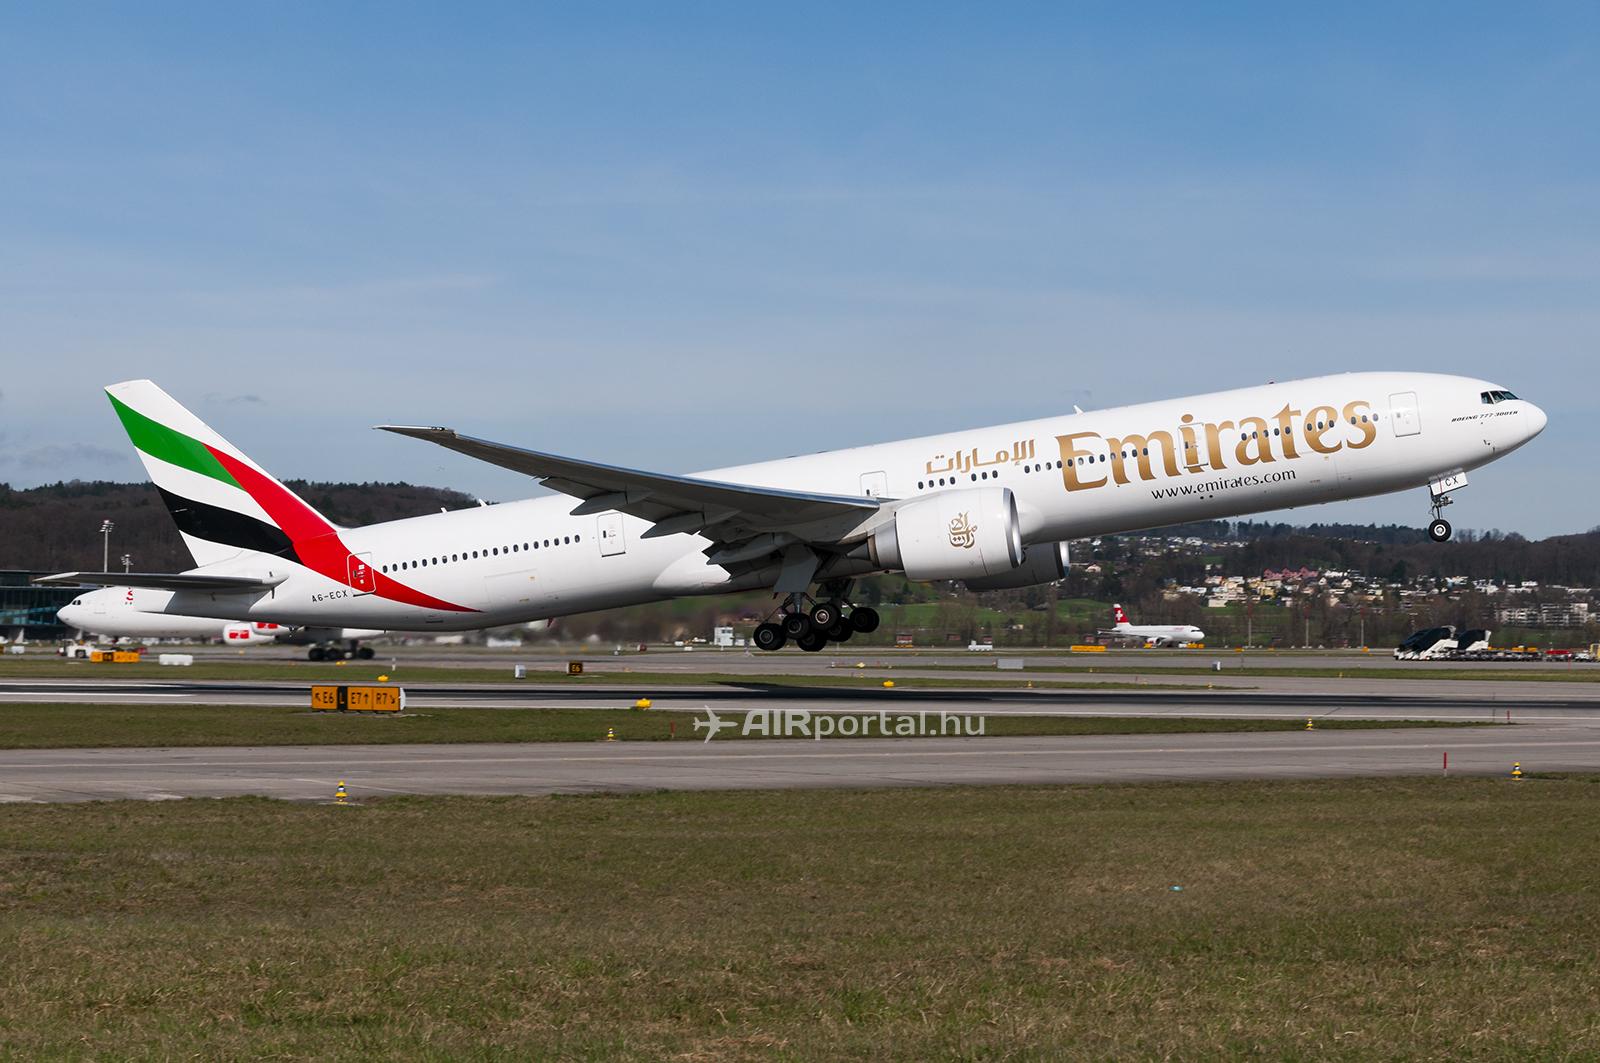 A magyar repülésrajongók nagy örömére a járat sikeressége esetén a Boeing 777-es típus is rendszeres vendég lehet Ferihegyen. (Fotó: Bodorics Tamás - AIRportal.hu) | © AIRportal.hu